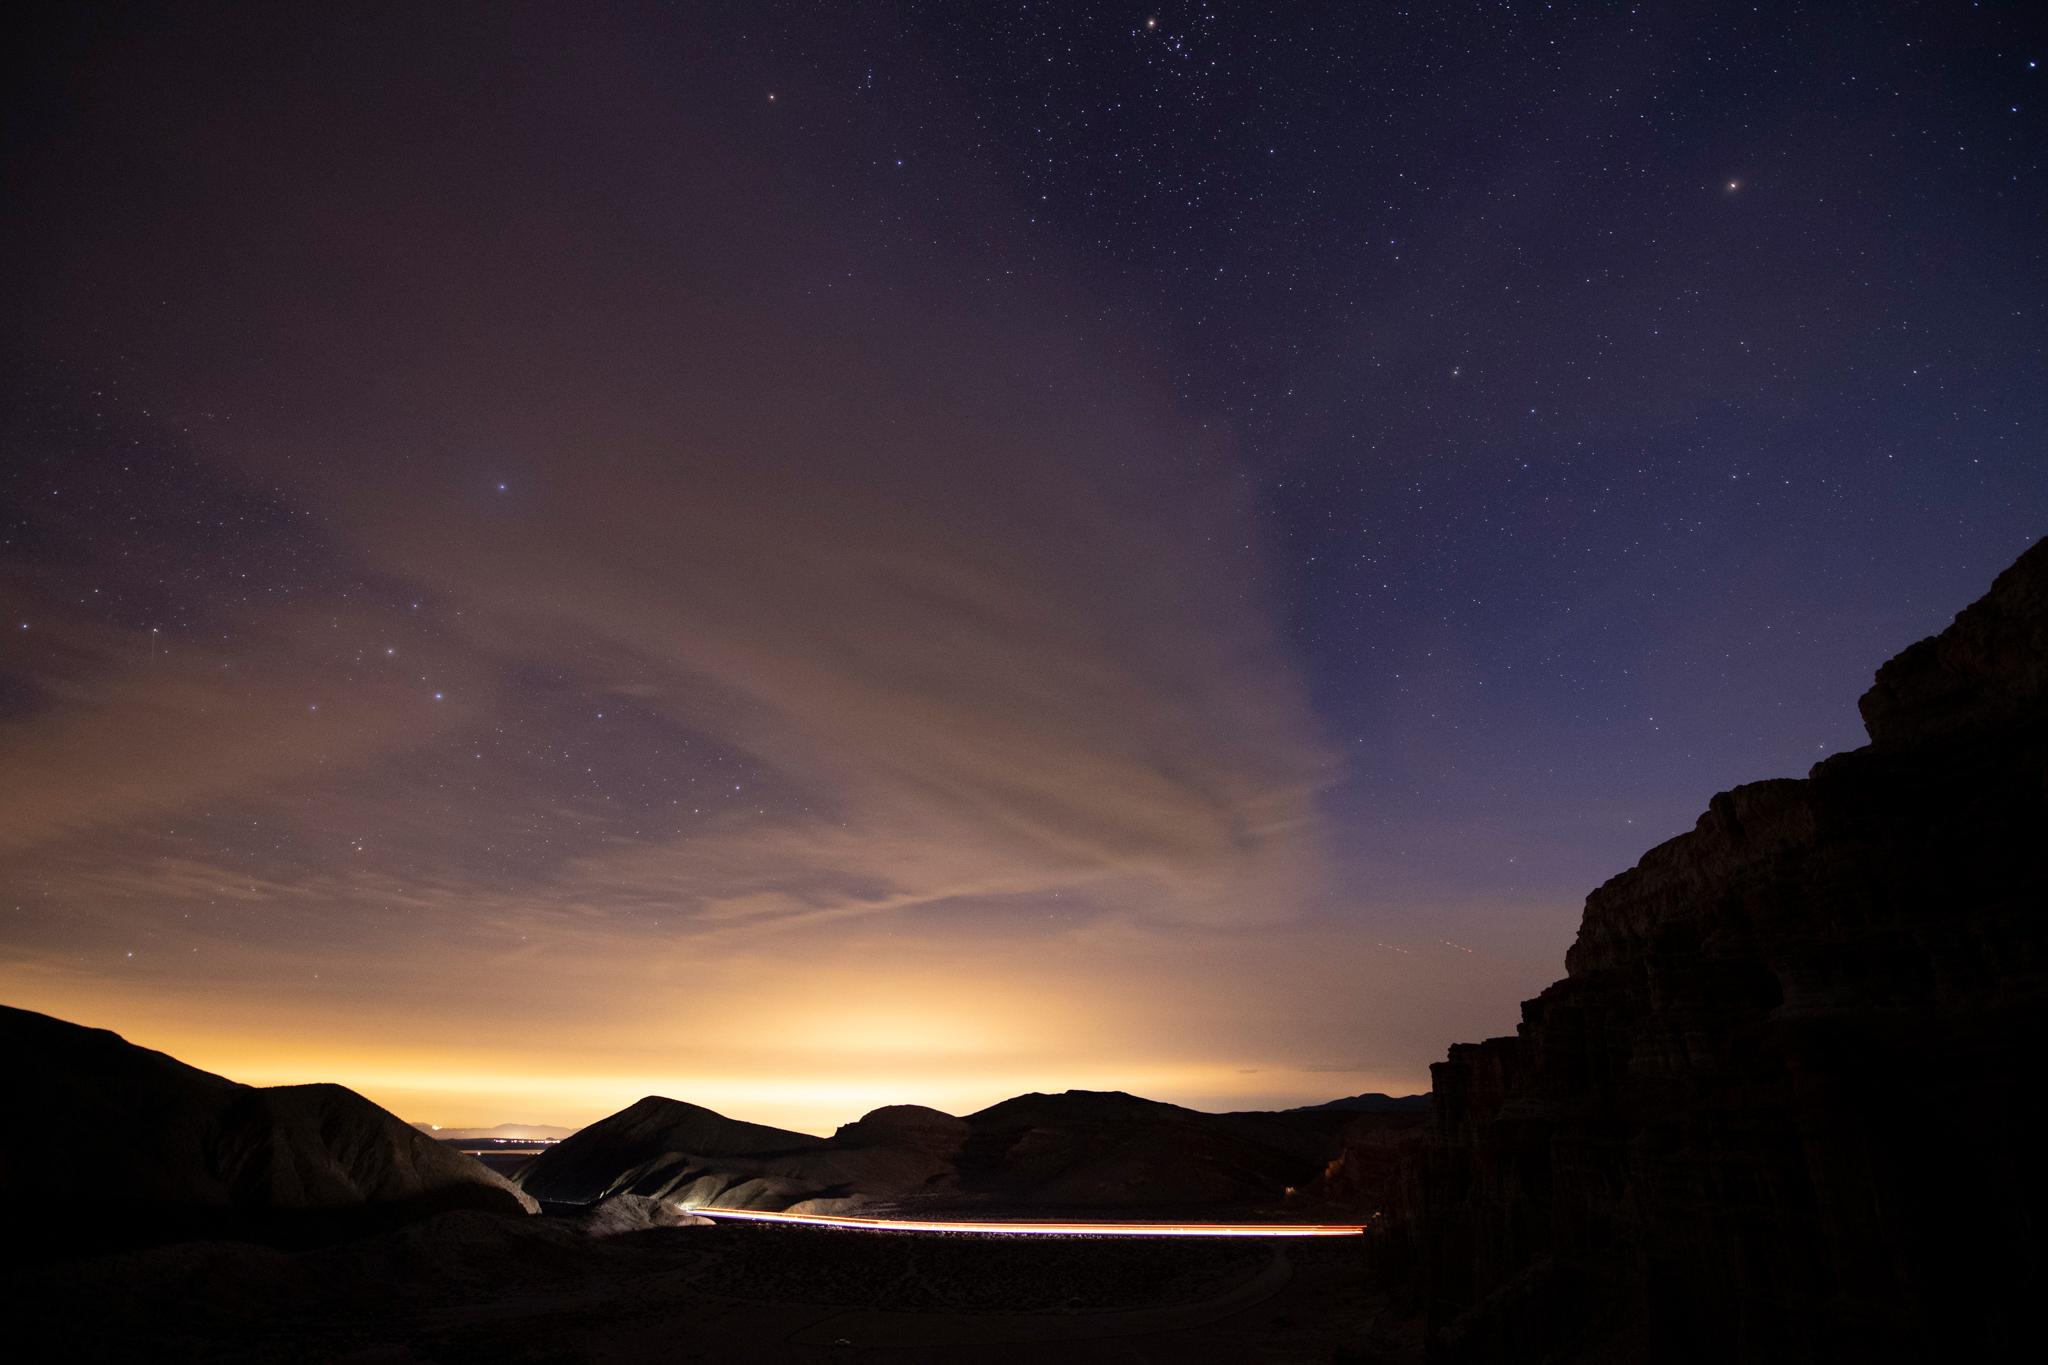 light-pollution-mm9049_190228_0130